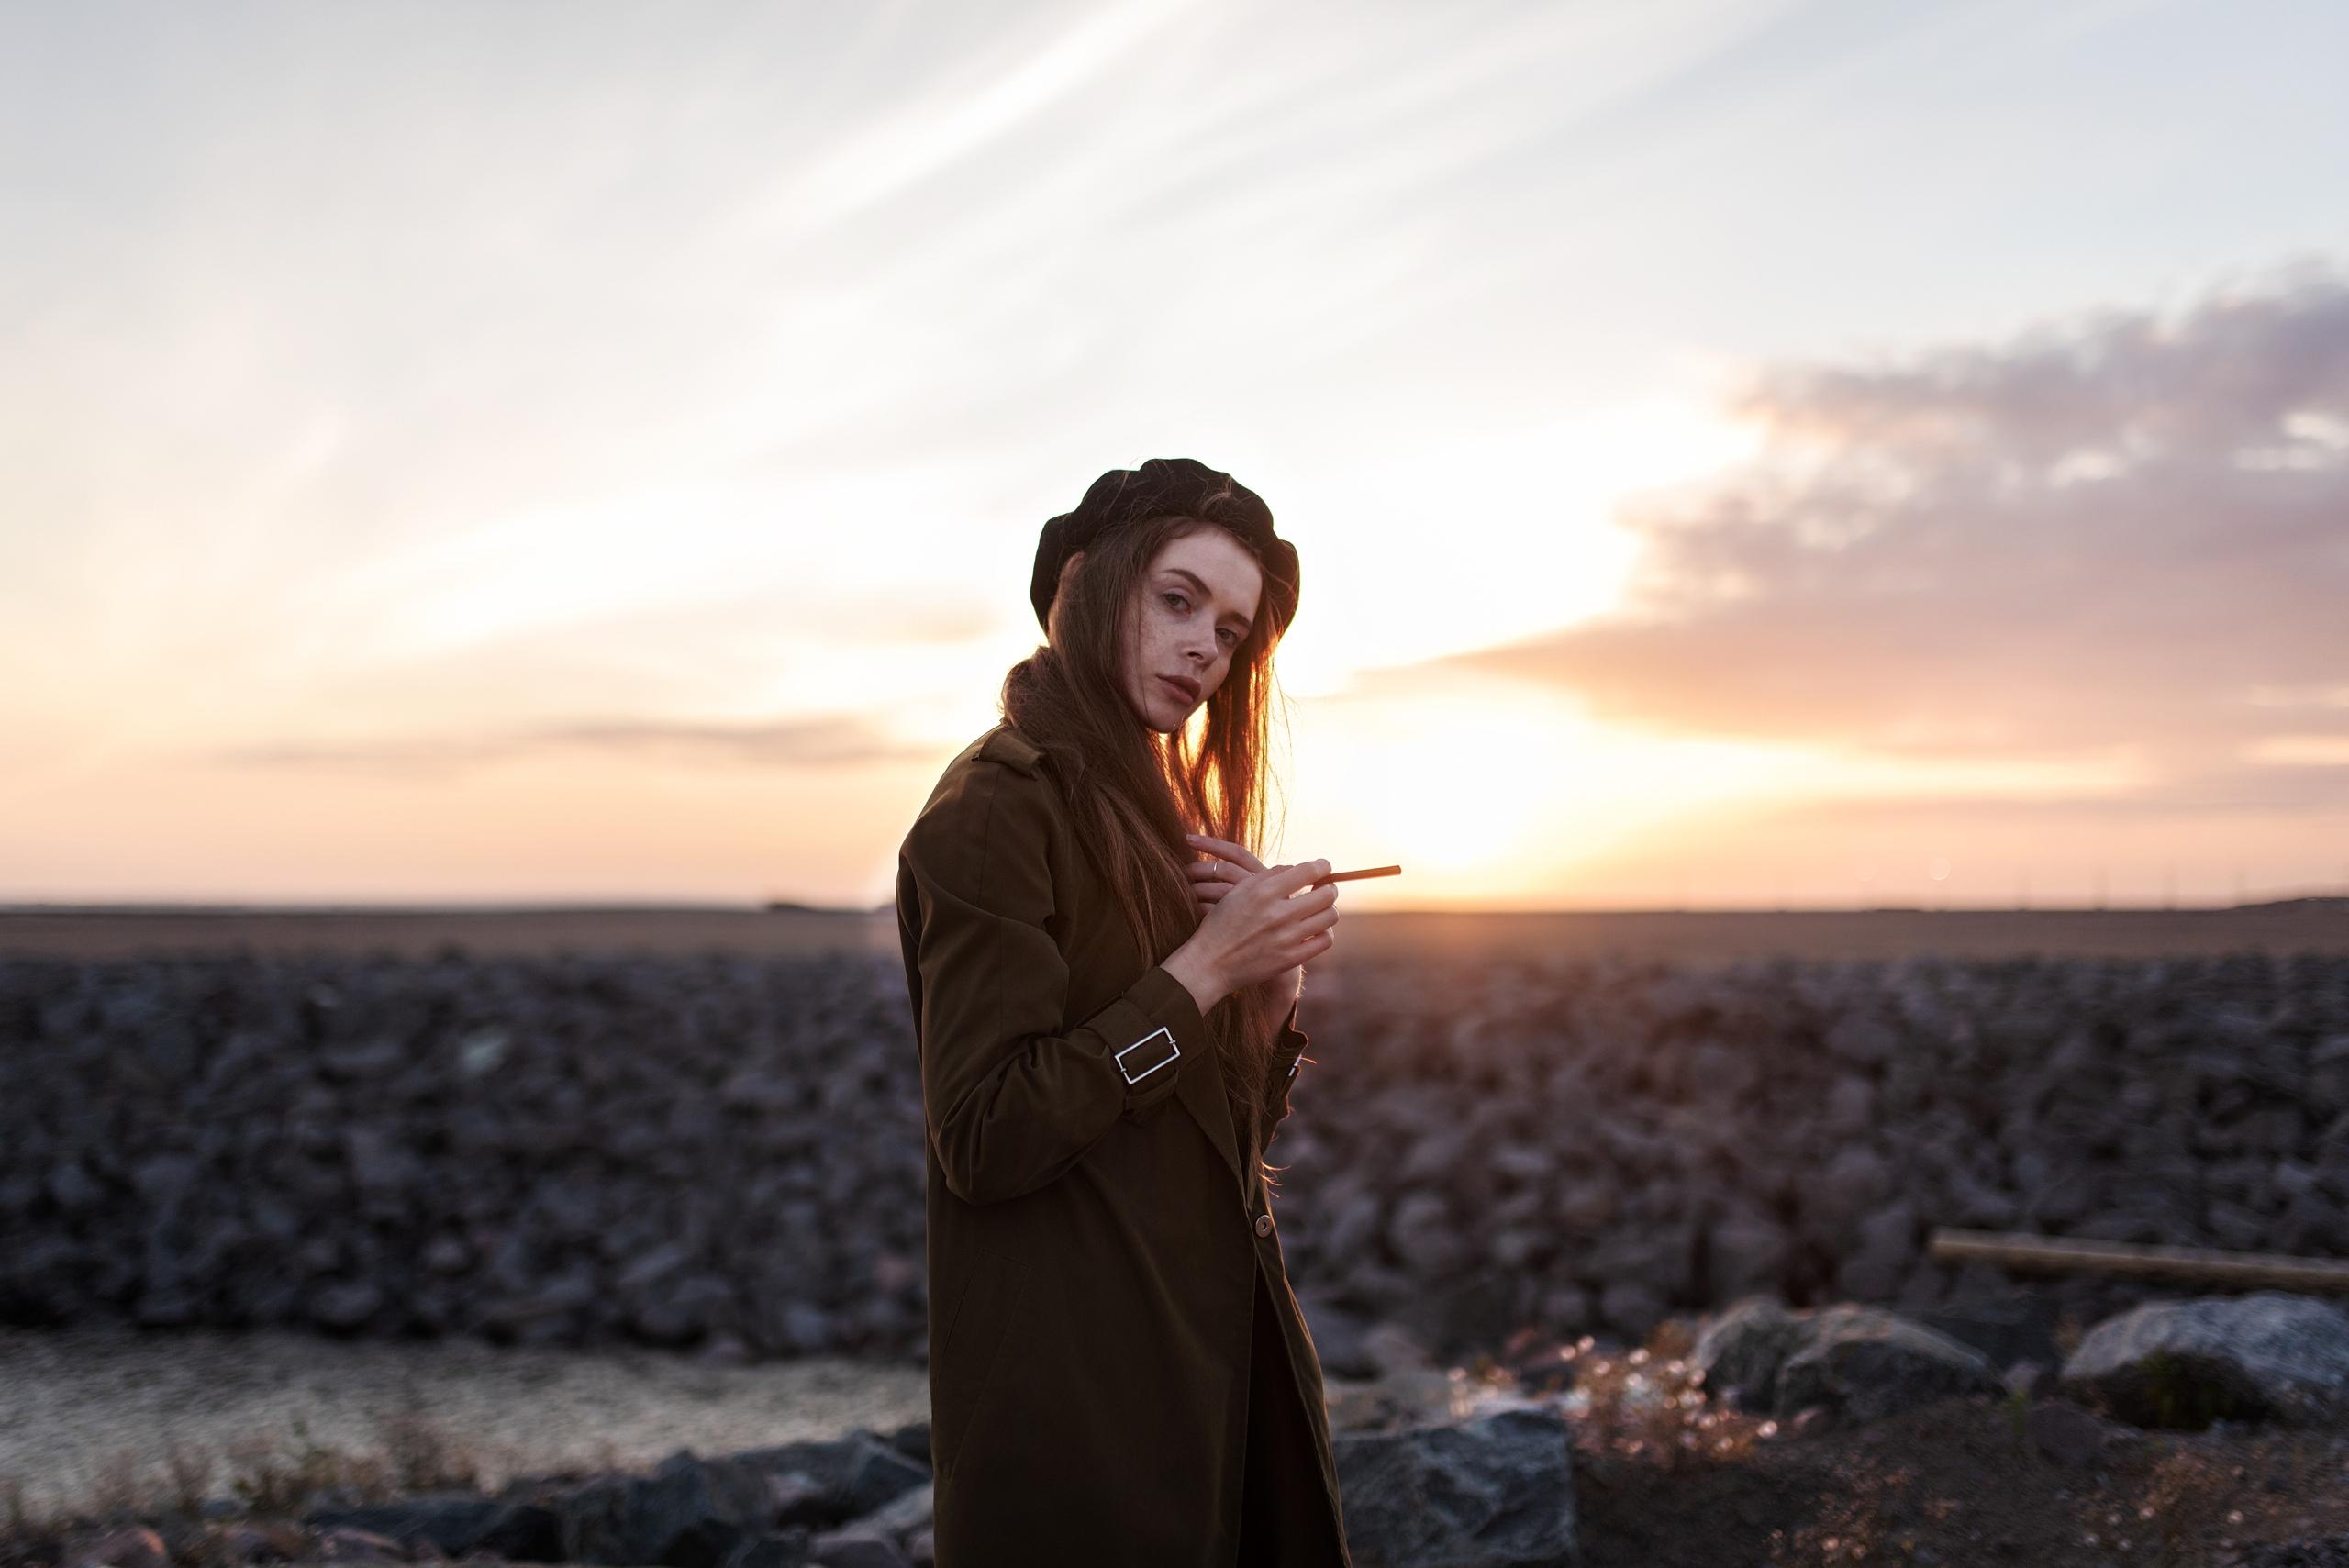 https://youngfolks.ru/pub/model-ulyana-naydenkova-32263805